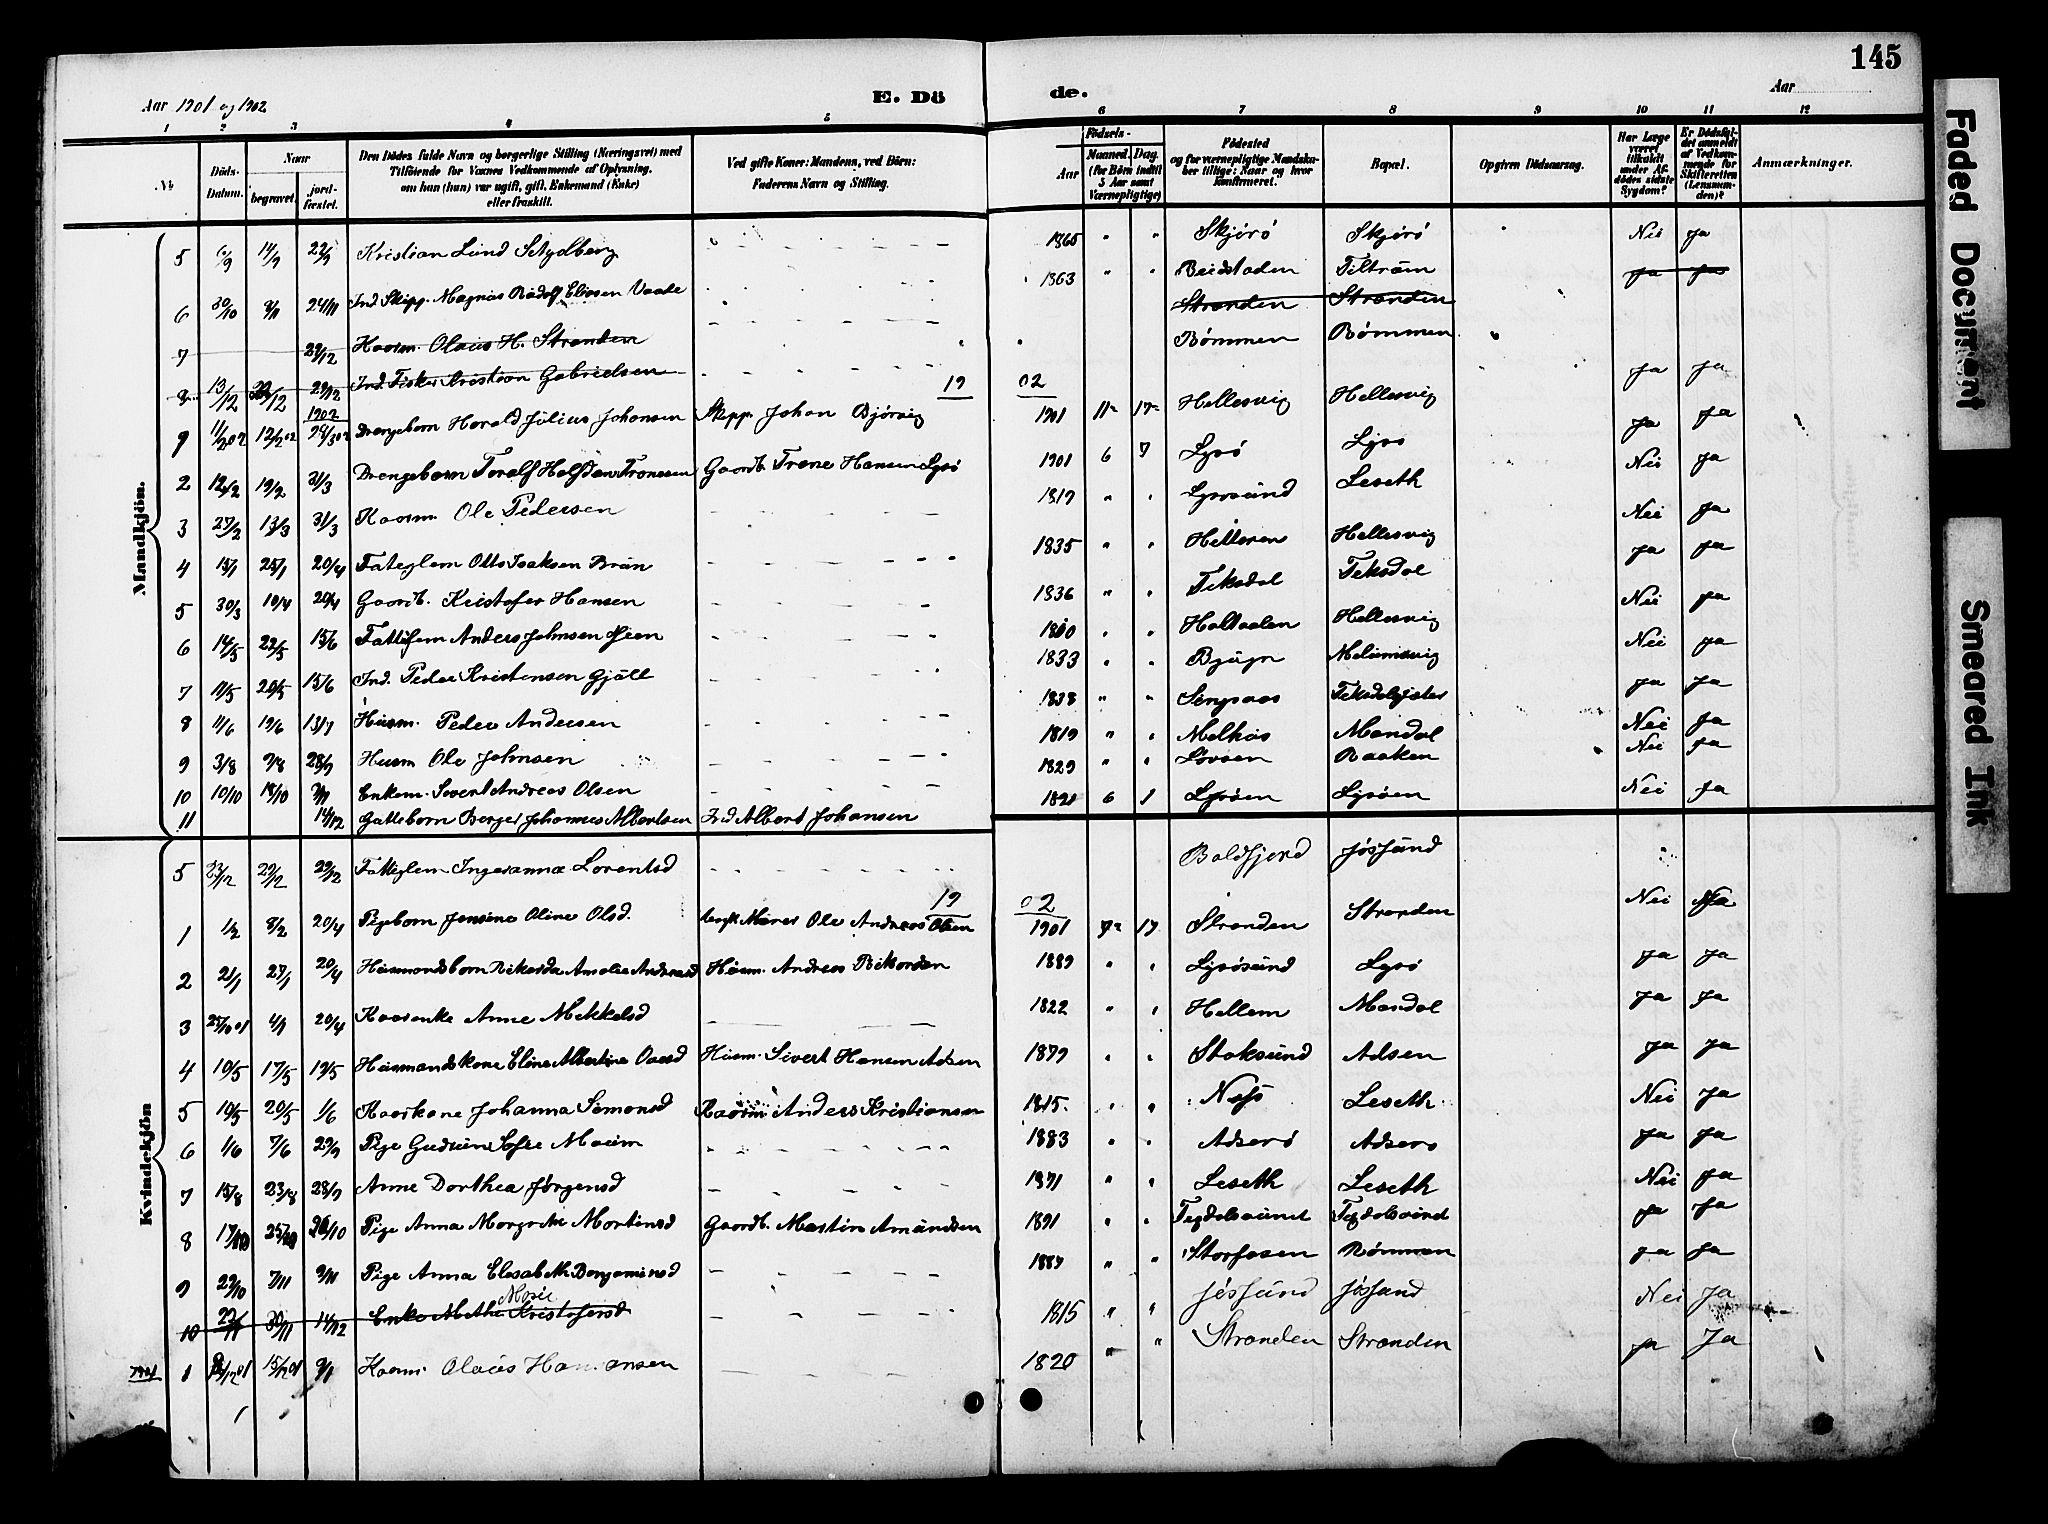 SAT, Ministerialprotokoller, klokkerbøker og fødselsregistre - Sør-Trøndelag, 654/L0666: Klokkerbok nr. 654C02, 1901-1925, s. 145